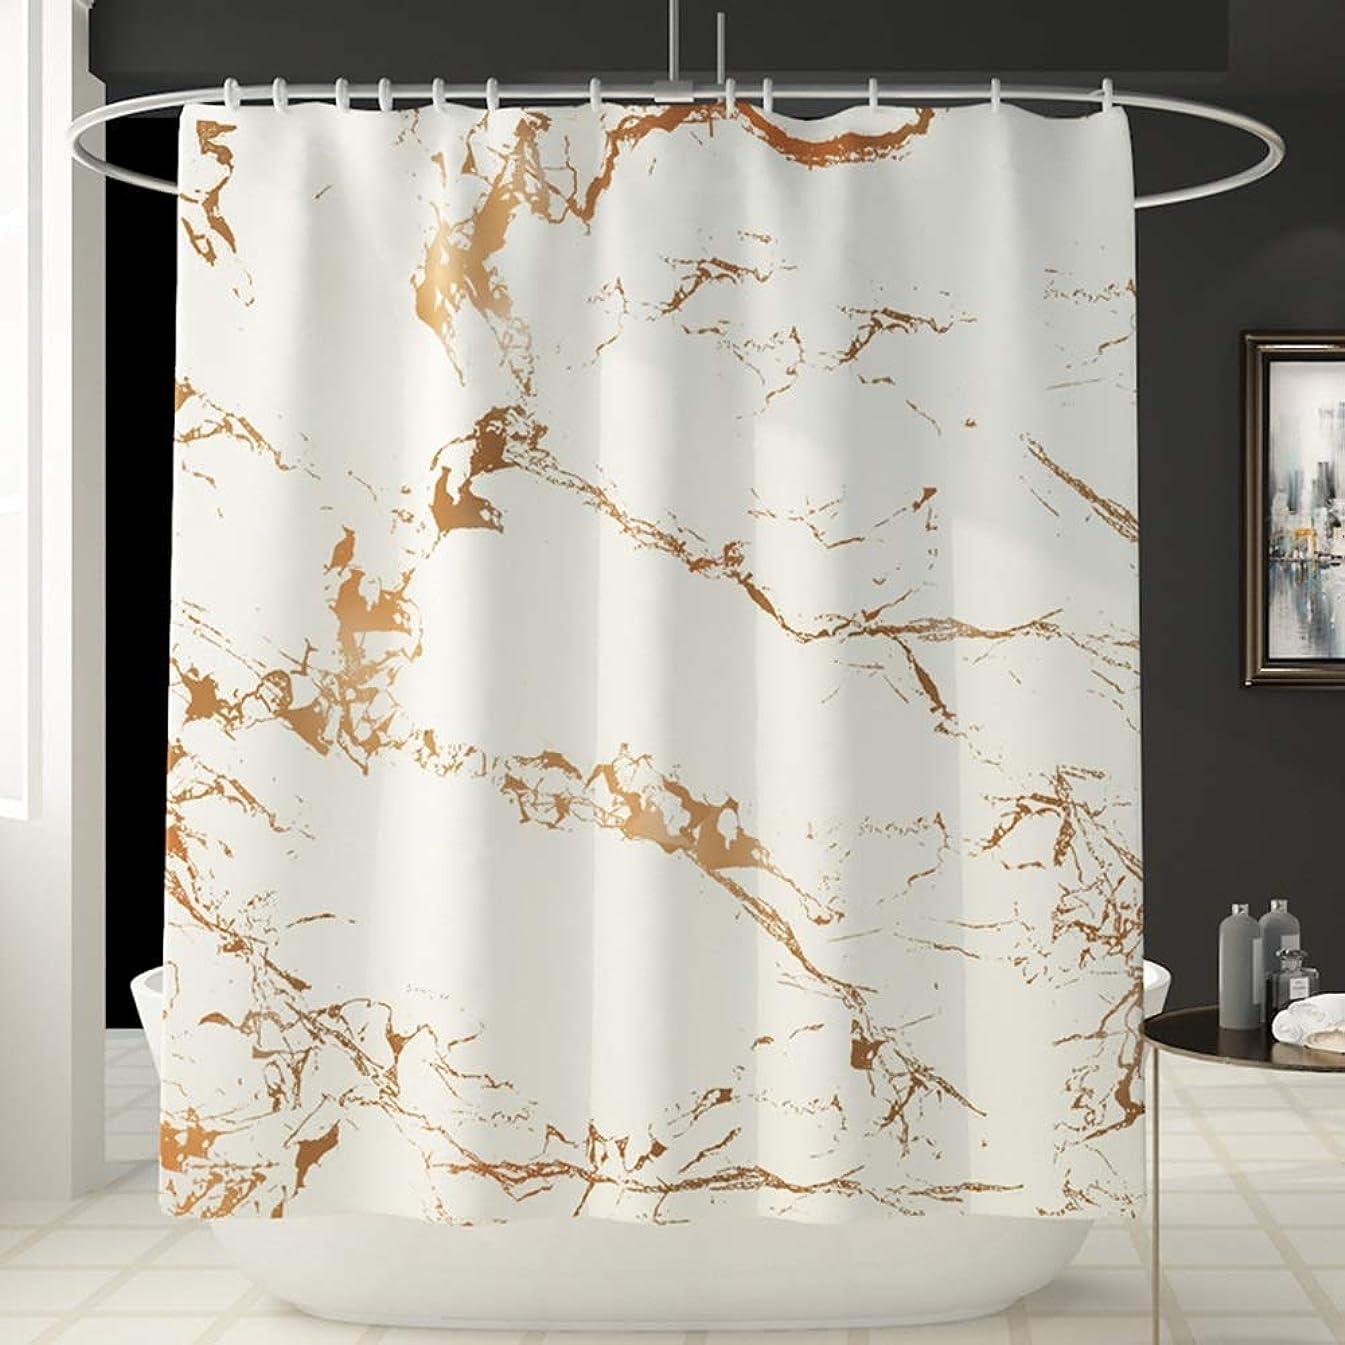 マルクス主義者名門バング大理石柄楽しいシャワーカーテン風呂アカウントバスルーム防水カーテン快適な浴槽シャワーカーテンは色褪せない多彩な180 cm * 180 cm洗濯機で洗える フェンコー